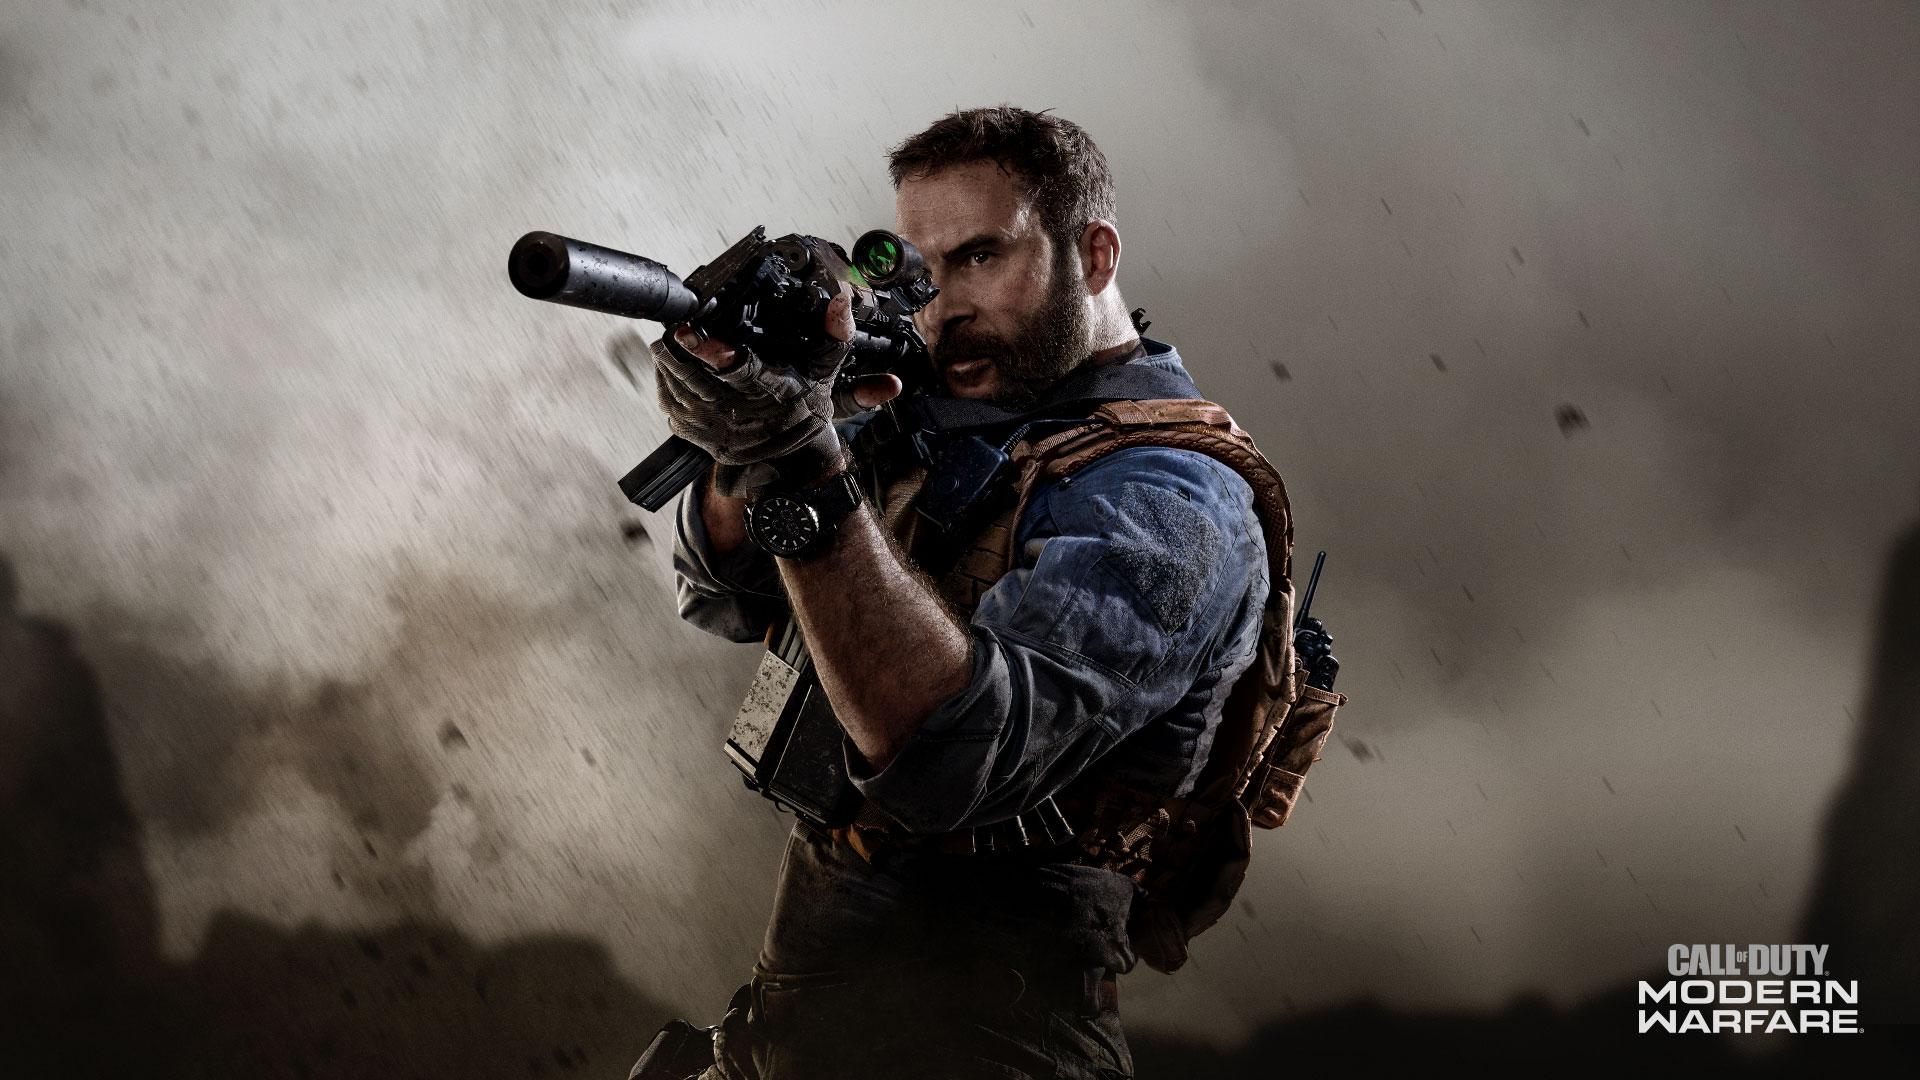 Activision sẽ kiện hoàng gia chiến đấu của Call of Duty: Modern Warfare »Hãy nói về trò chơi điện tử